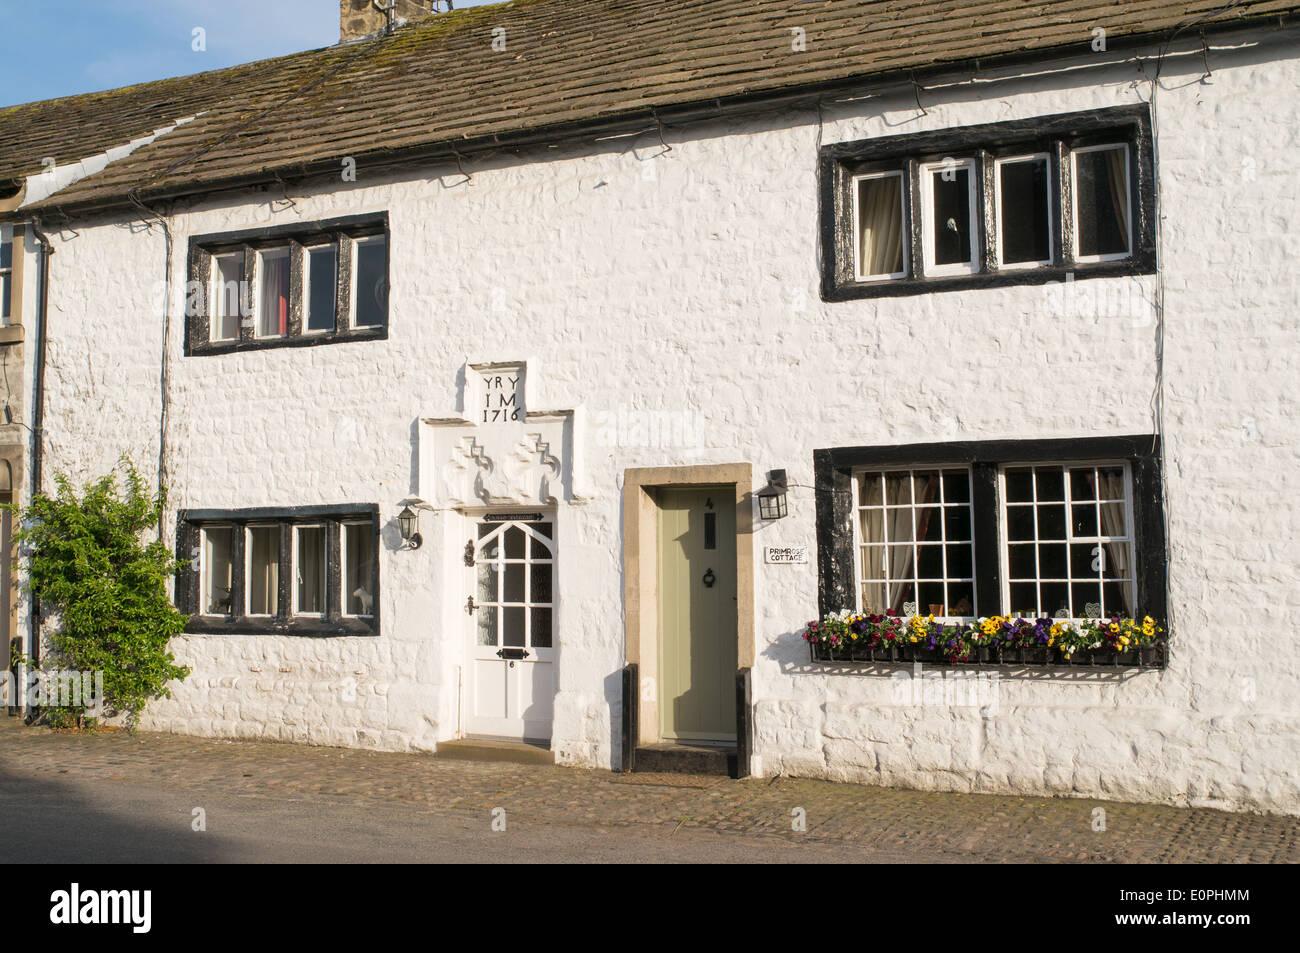 18th century whitewashed cottages Bolton-by-Bowland, Lancashire, England, UK - Stock Image